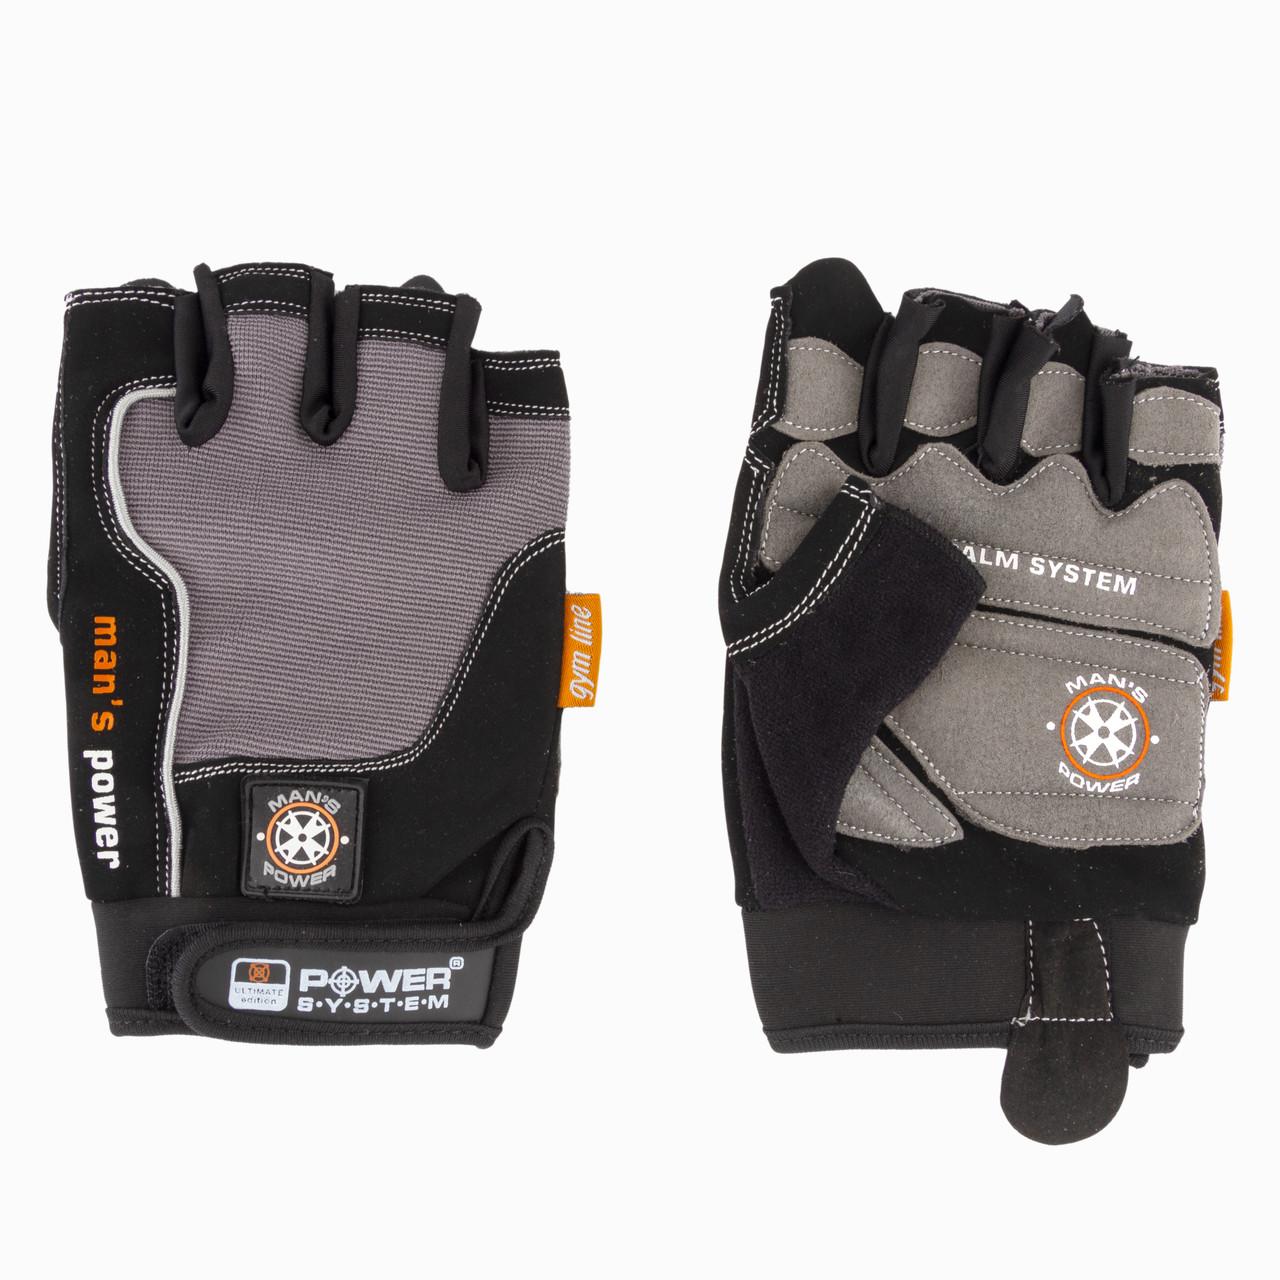 Перчатки для фитнеса и тяжелой атлетики Power System man's Power PS-2580 Black / Grey L